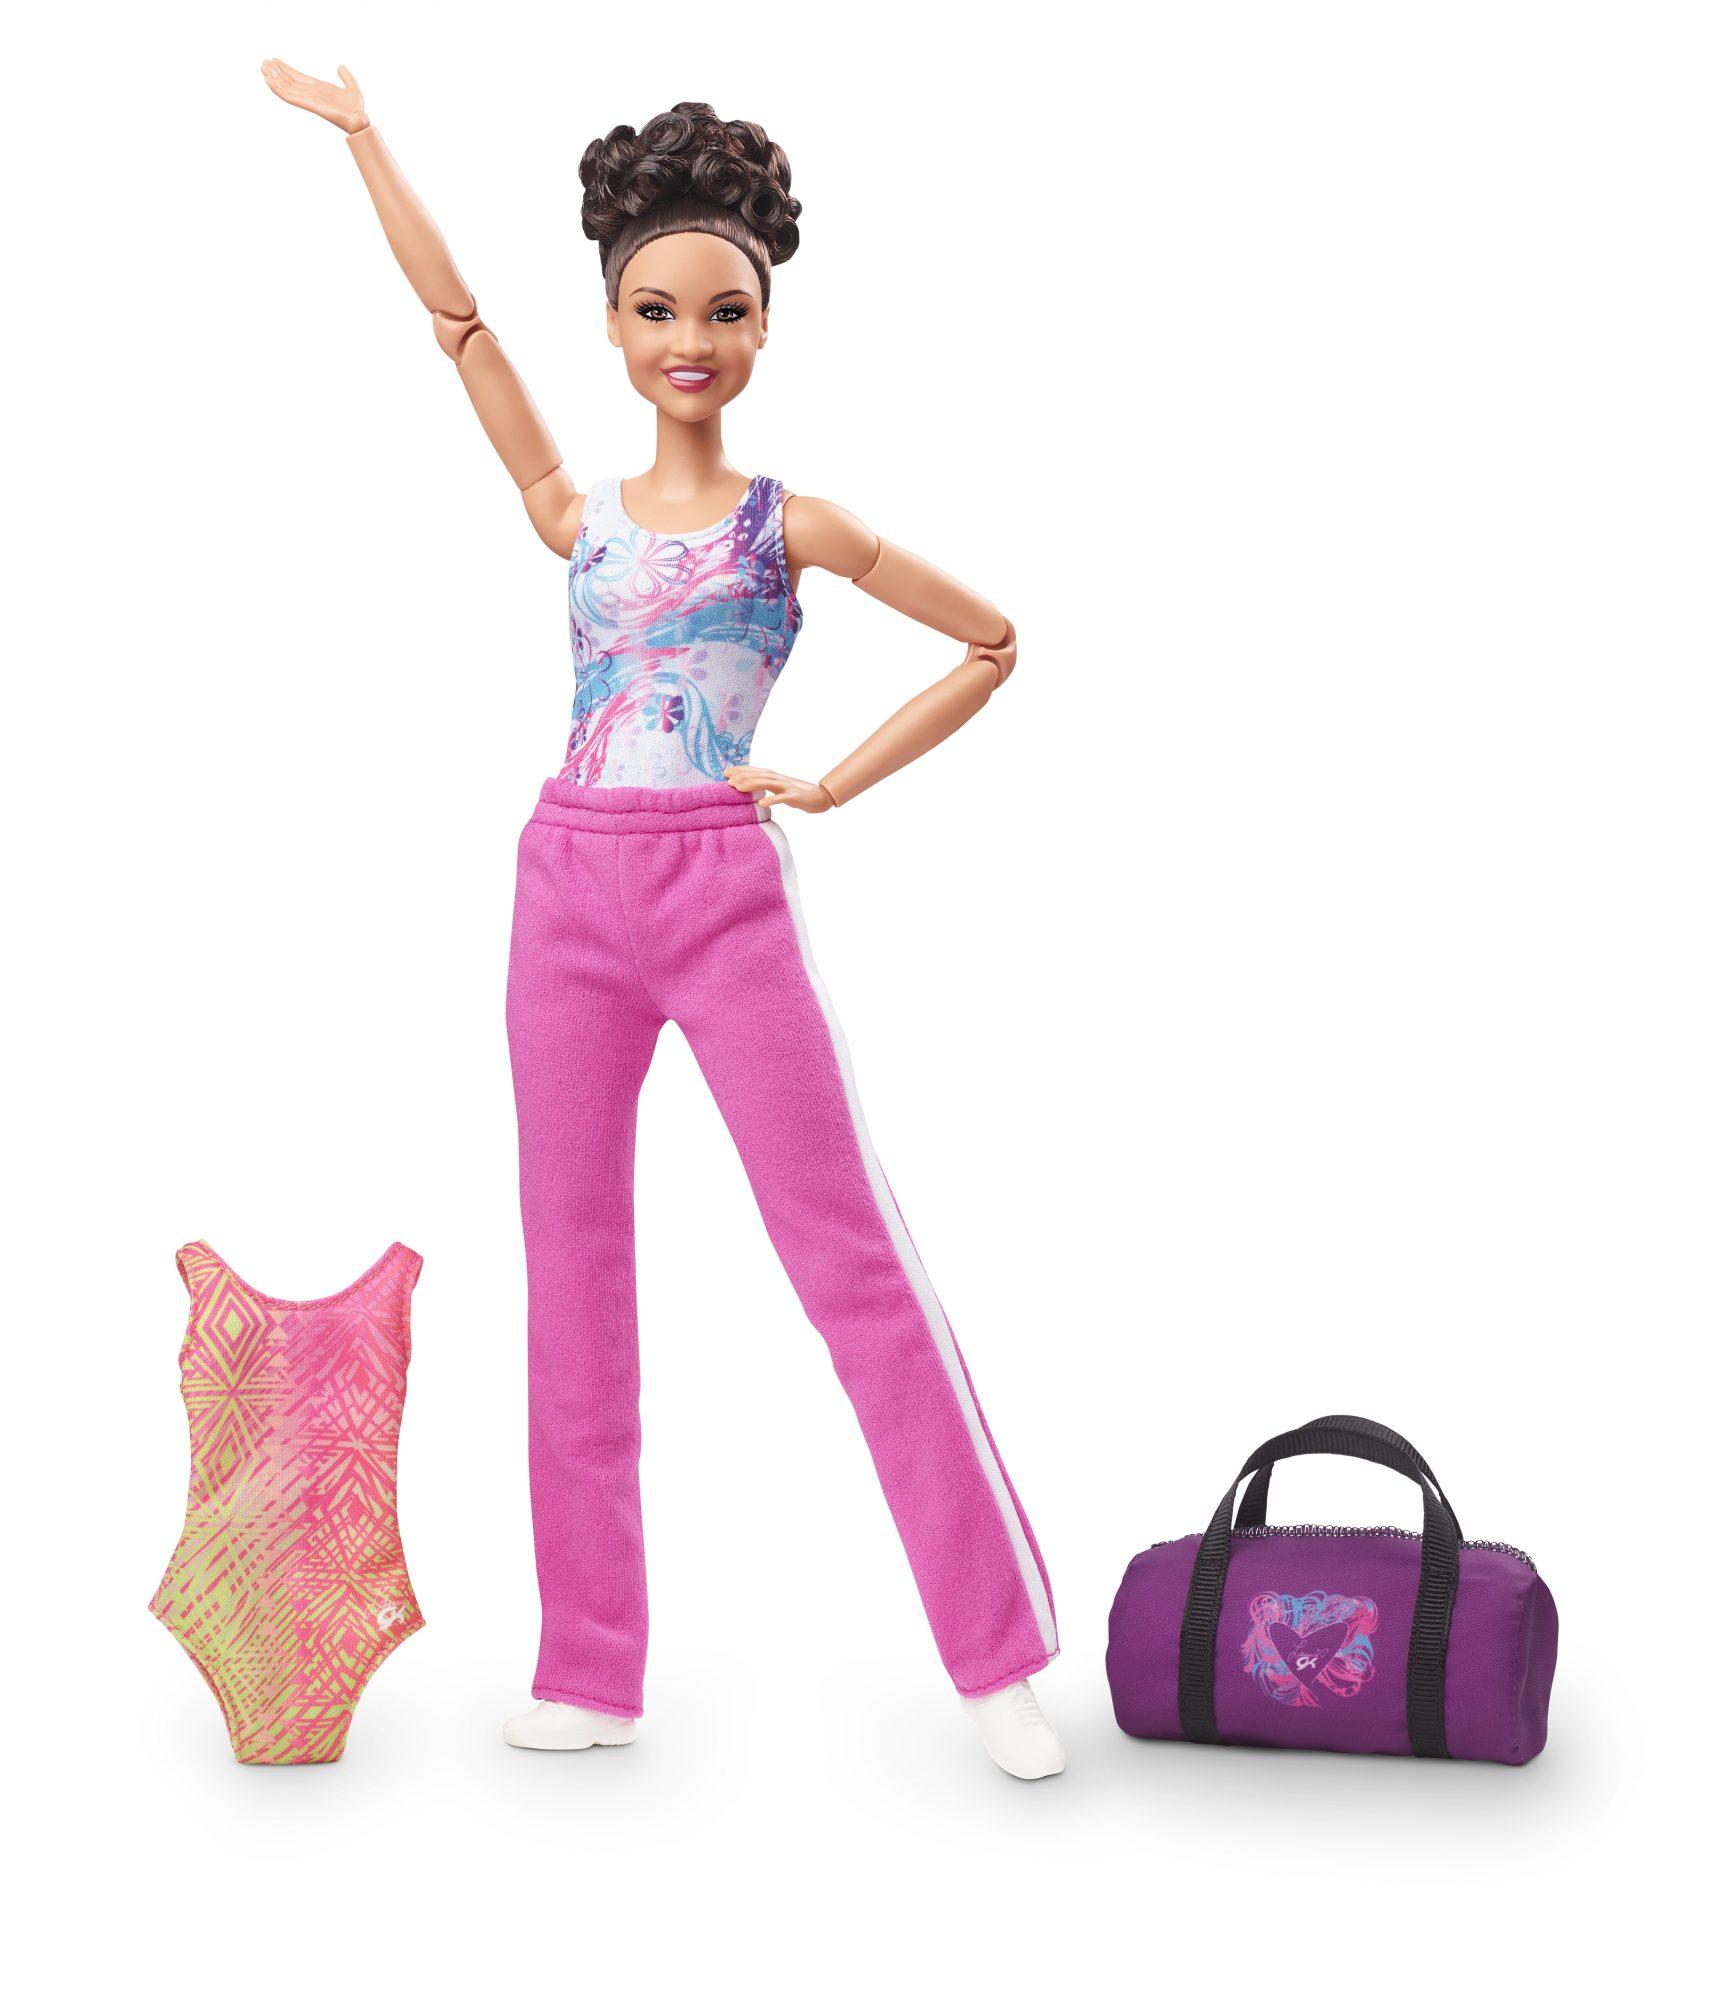 laurie-hernandez-barbie-doll-accessories.jpg